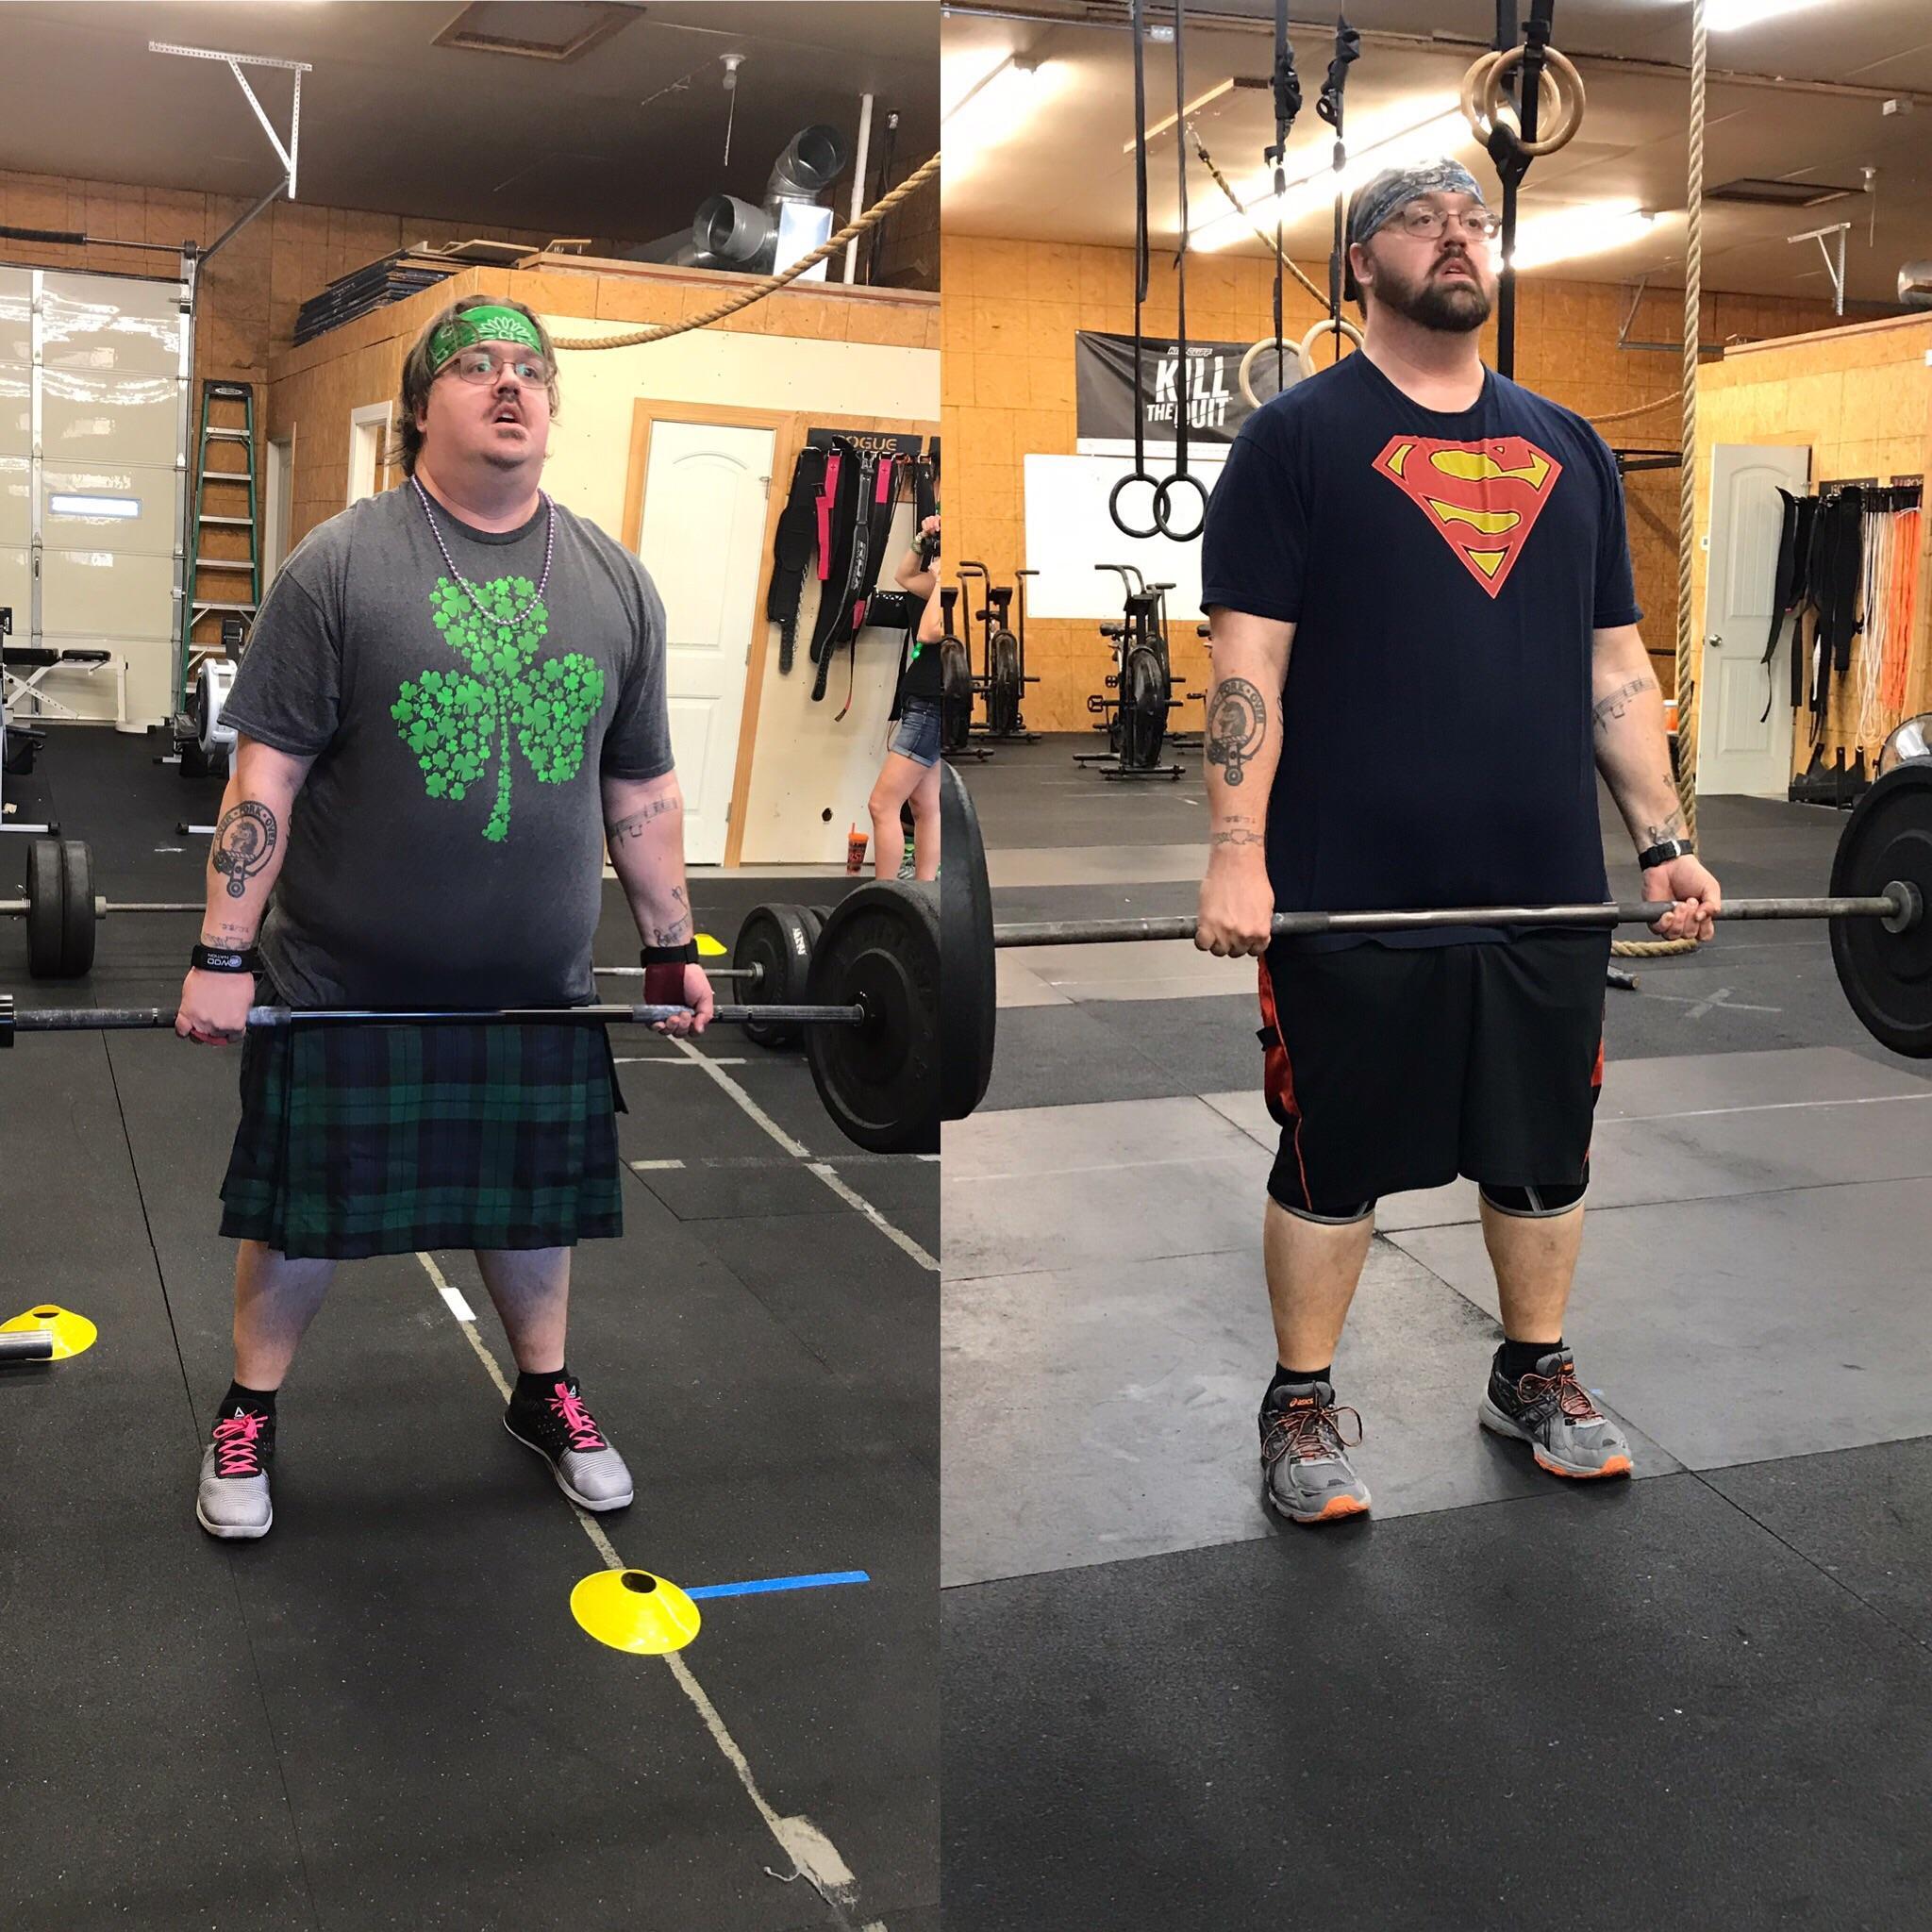 6 foot Male Progress Pics of 75 lbs Fat Loss 393 lbs to 318 lbs